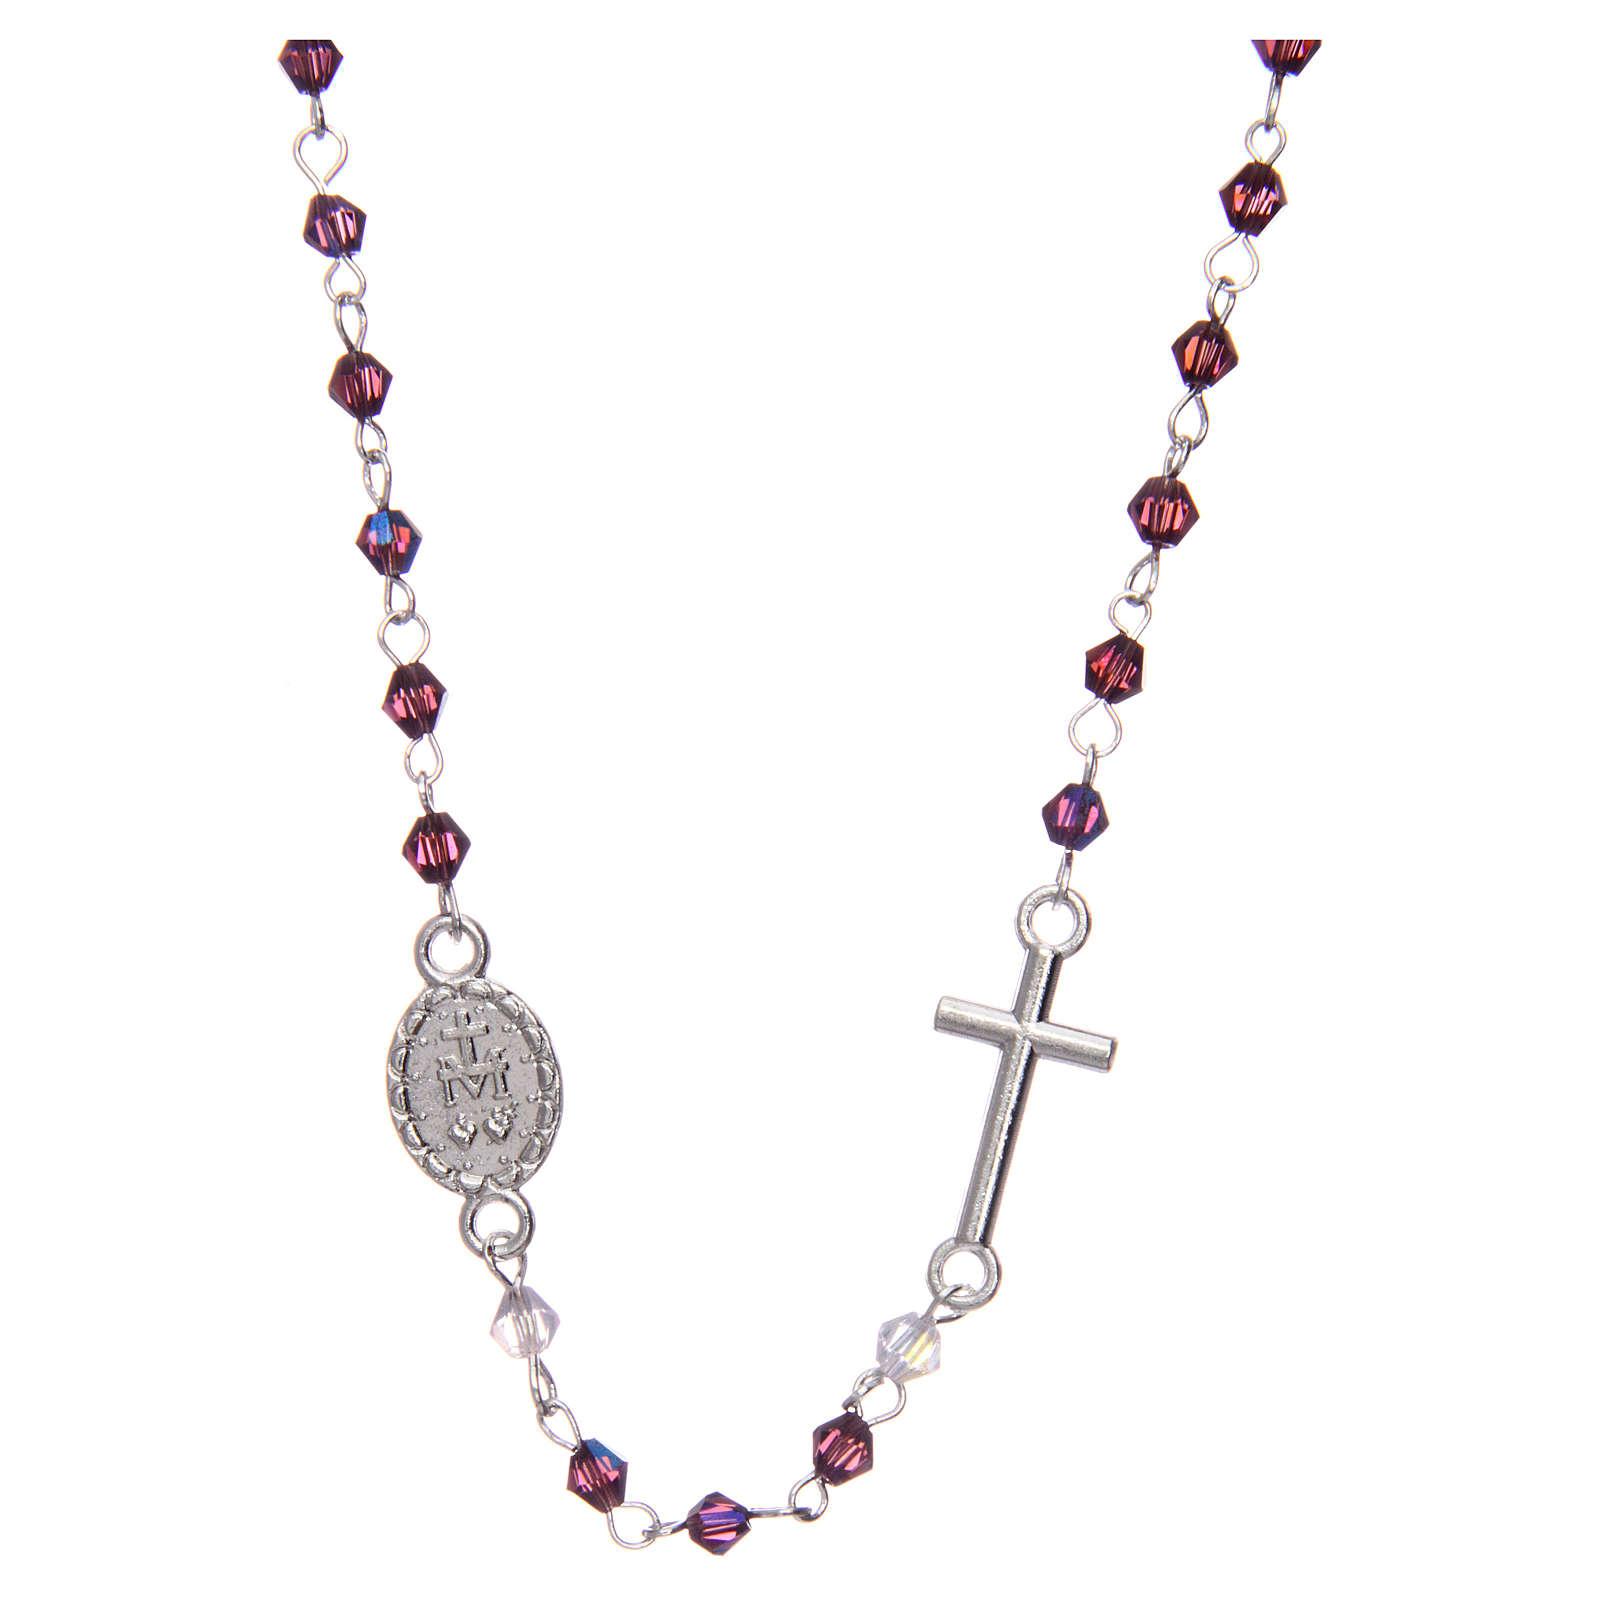 Rosario a collana mezzo cristallo ovale 3 mm viola iridescente 4